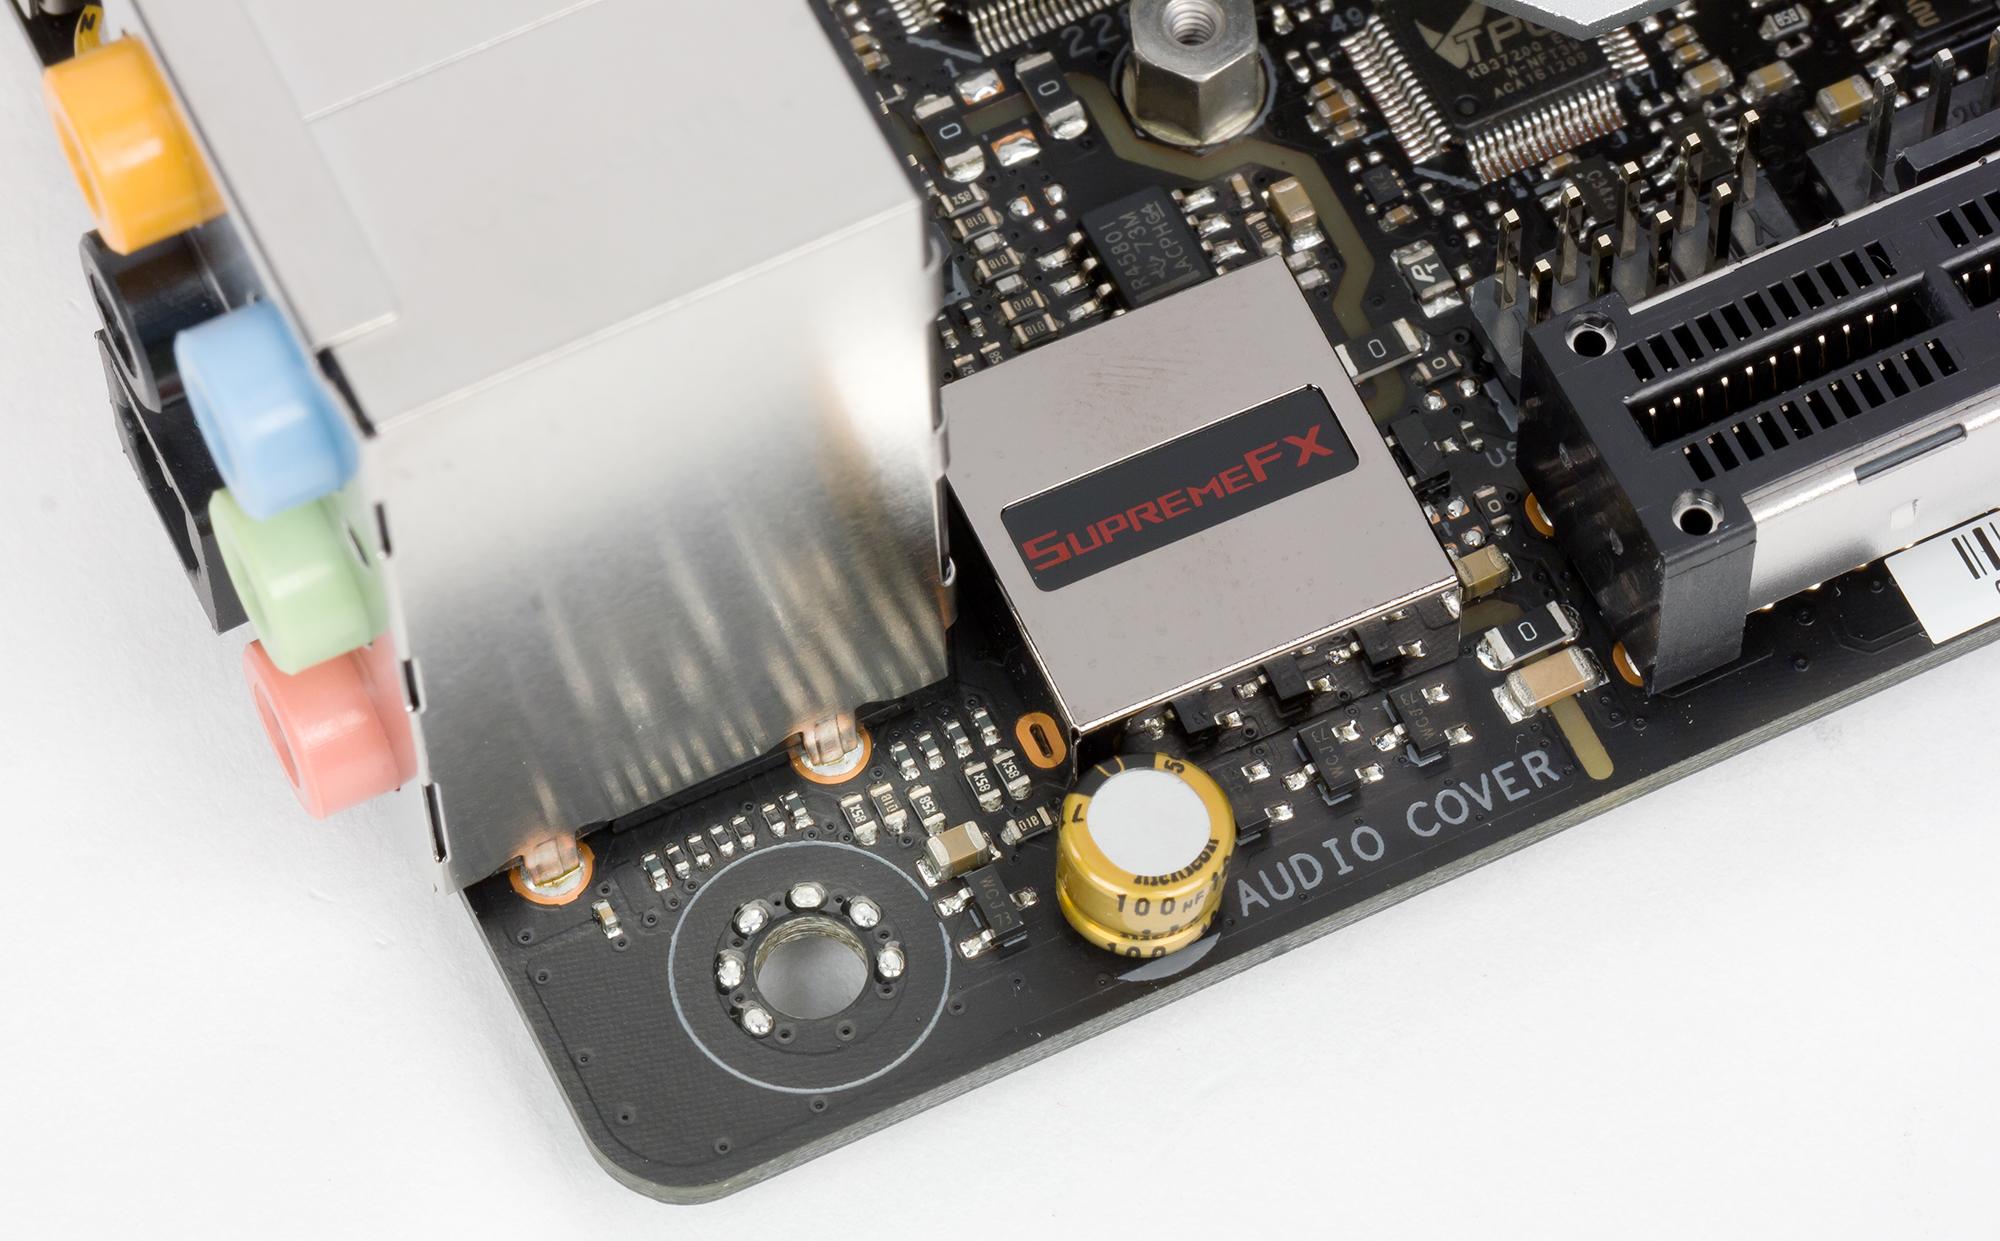 Обзор материнской платы Asus ROG Strix Z370-I Gaming форм